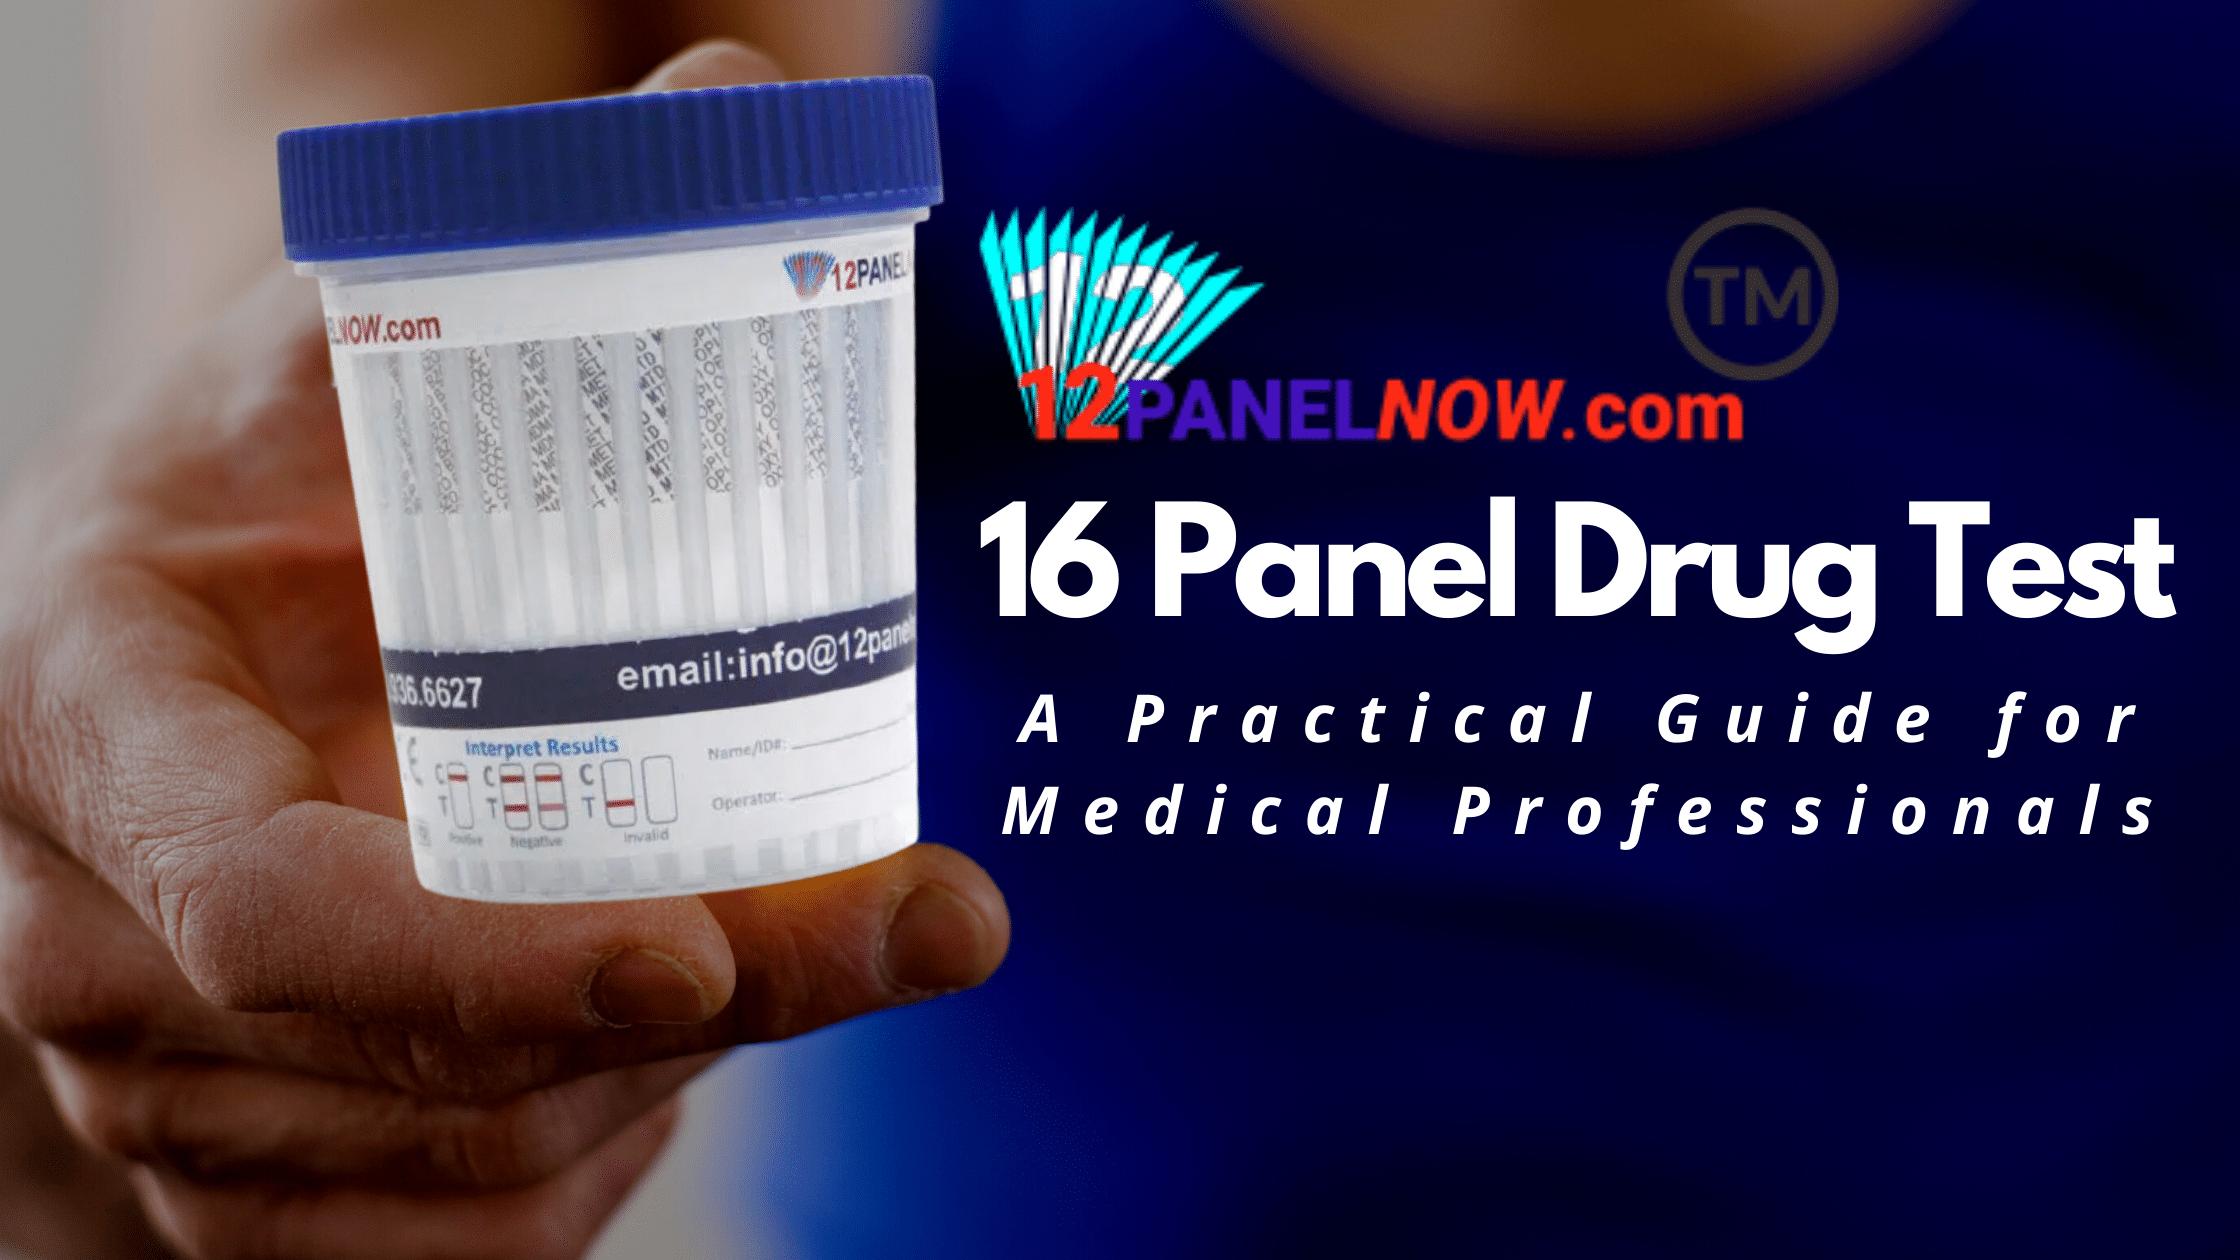 16 Panel Drug Test Blog Post